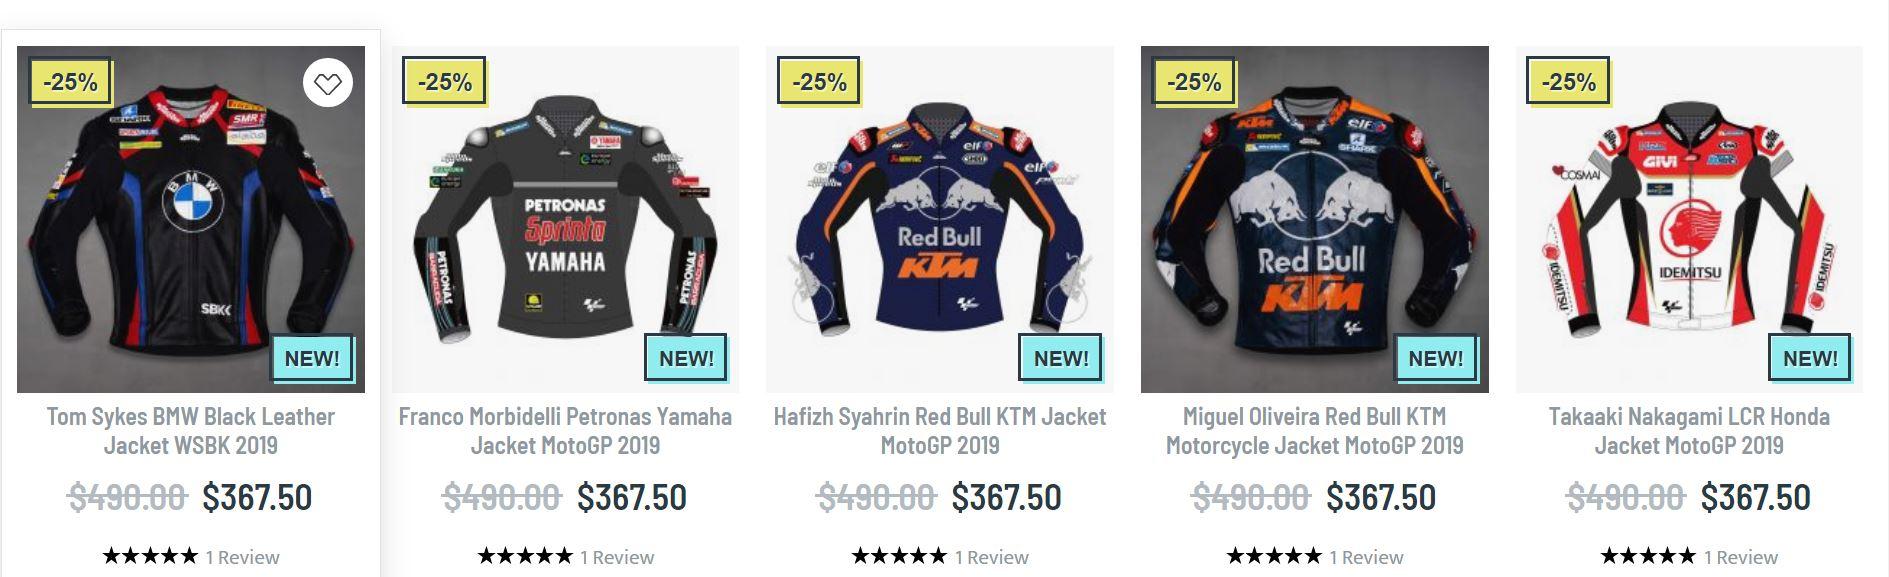 Motogp racing jackets